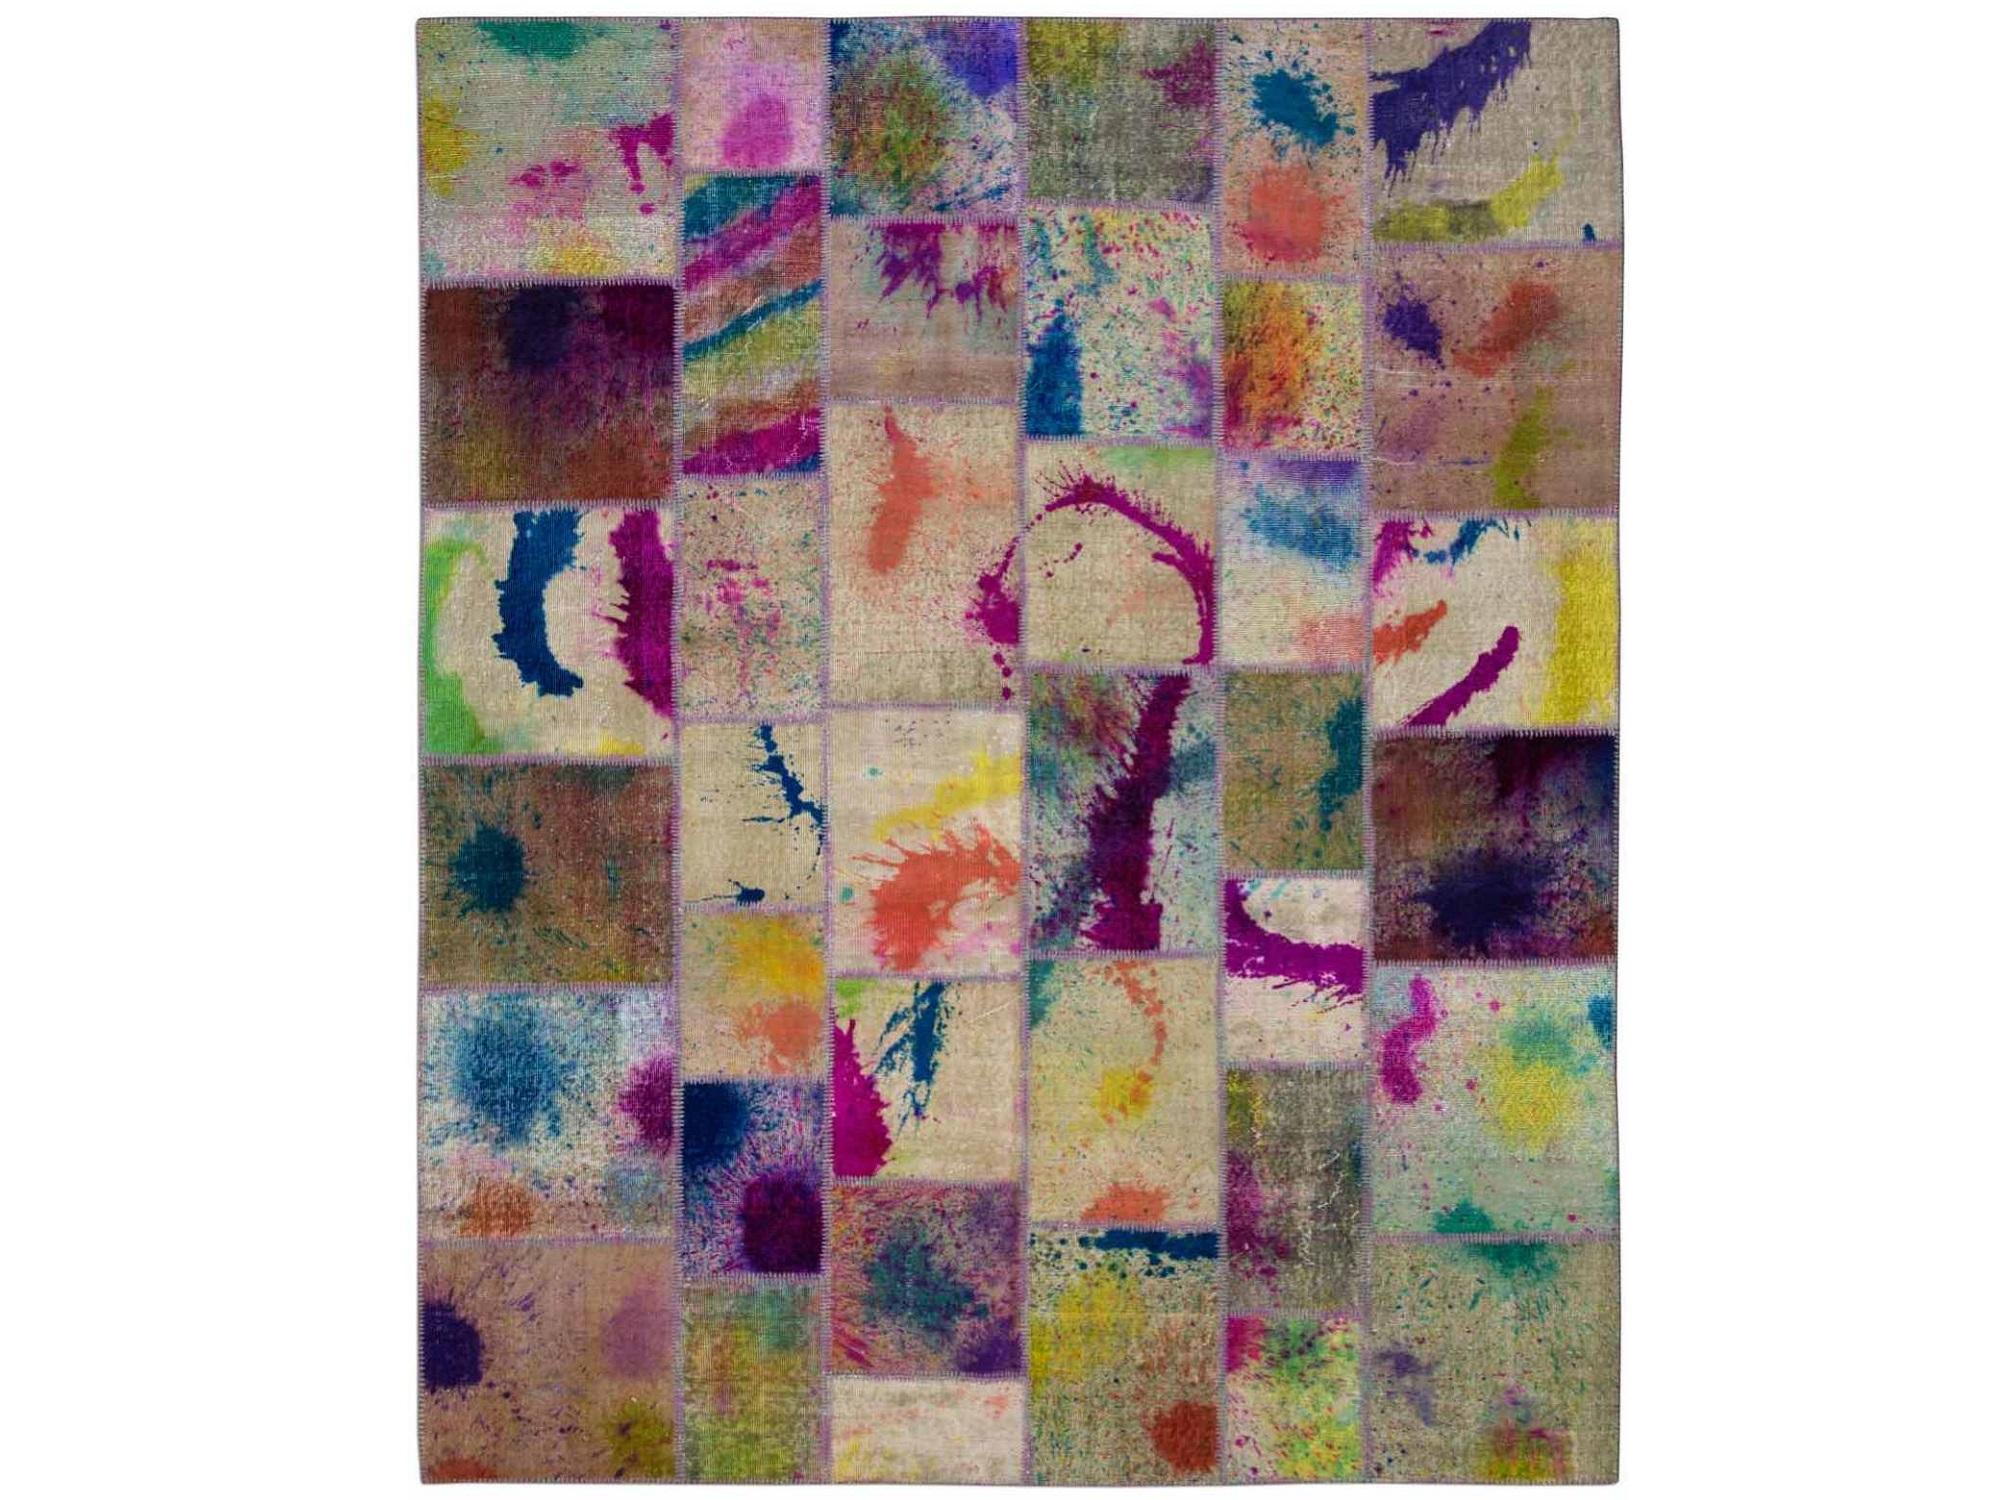 Ковер PatchworkПрямоугольные ковры<br>Винтажный ковер ручной работы в стиле &amp;quot;пэчворк&amp;quot; <br>из 100% шерсти. Ковер прекрасно подходит в <br>любые современные и классические интерьеры, <br>а благодаря толщине ковра всего 5 мм и отсутствию <br>ворса, его легко чистить любыми видами пылесосов. <br>Этот настоящий ковер ручной работы не потеряет <br>своих красок и будет служить десятилетия.<br><br>Material: Шерсть<br>Ширина см: 247<br>Глубина см: 300